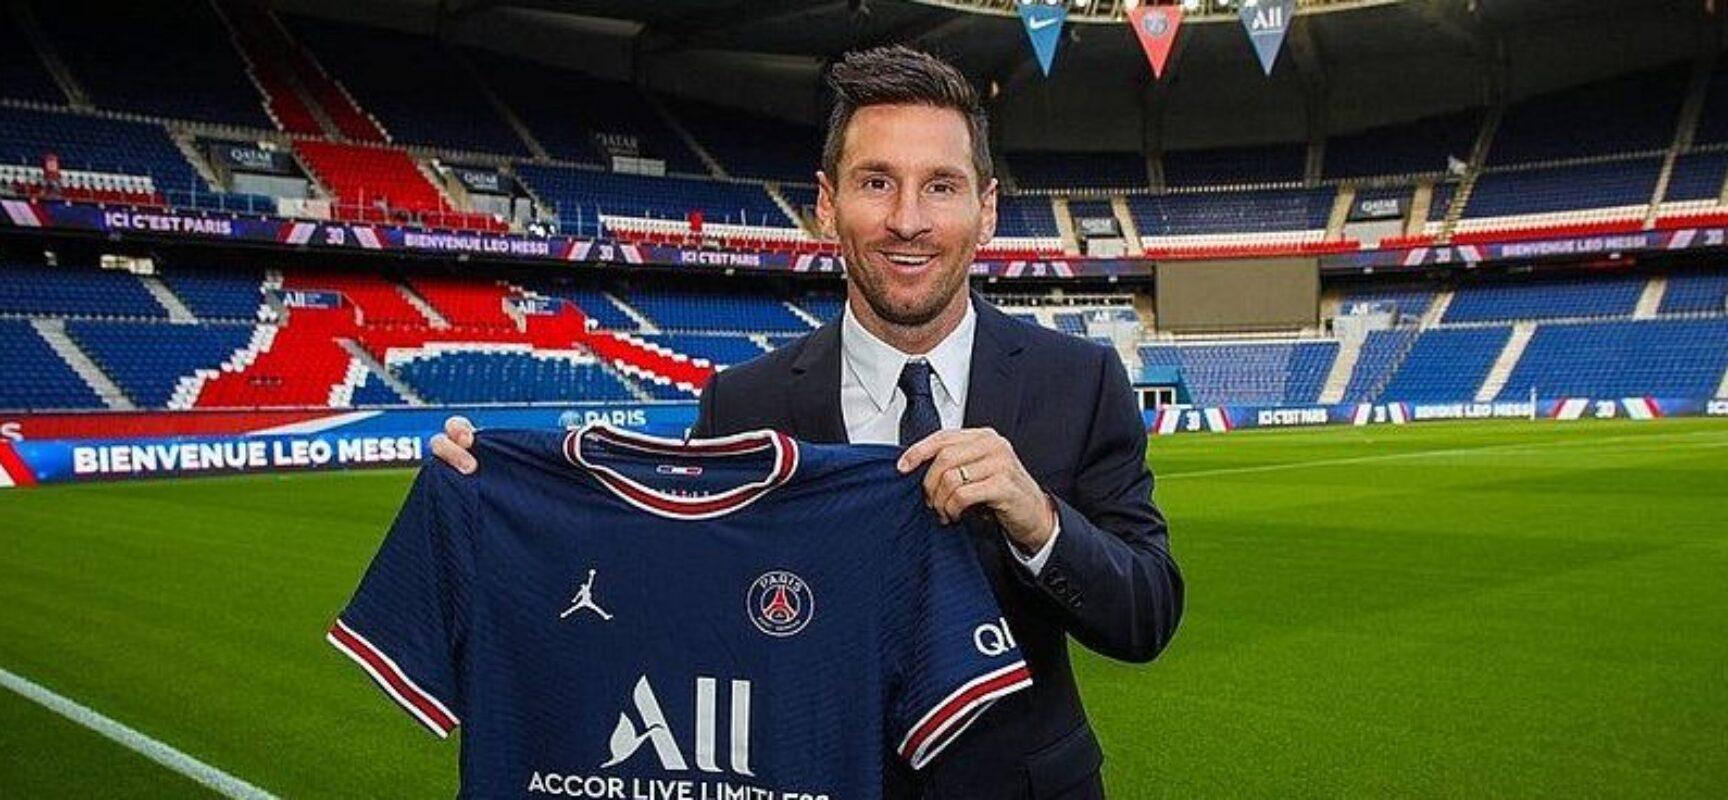 Messi estreia em campo neste final de semana pelo Paris Saint-Germain